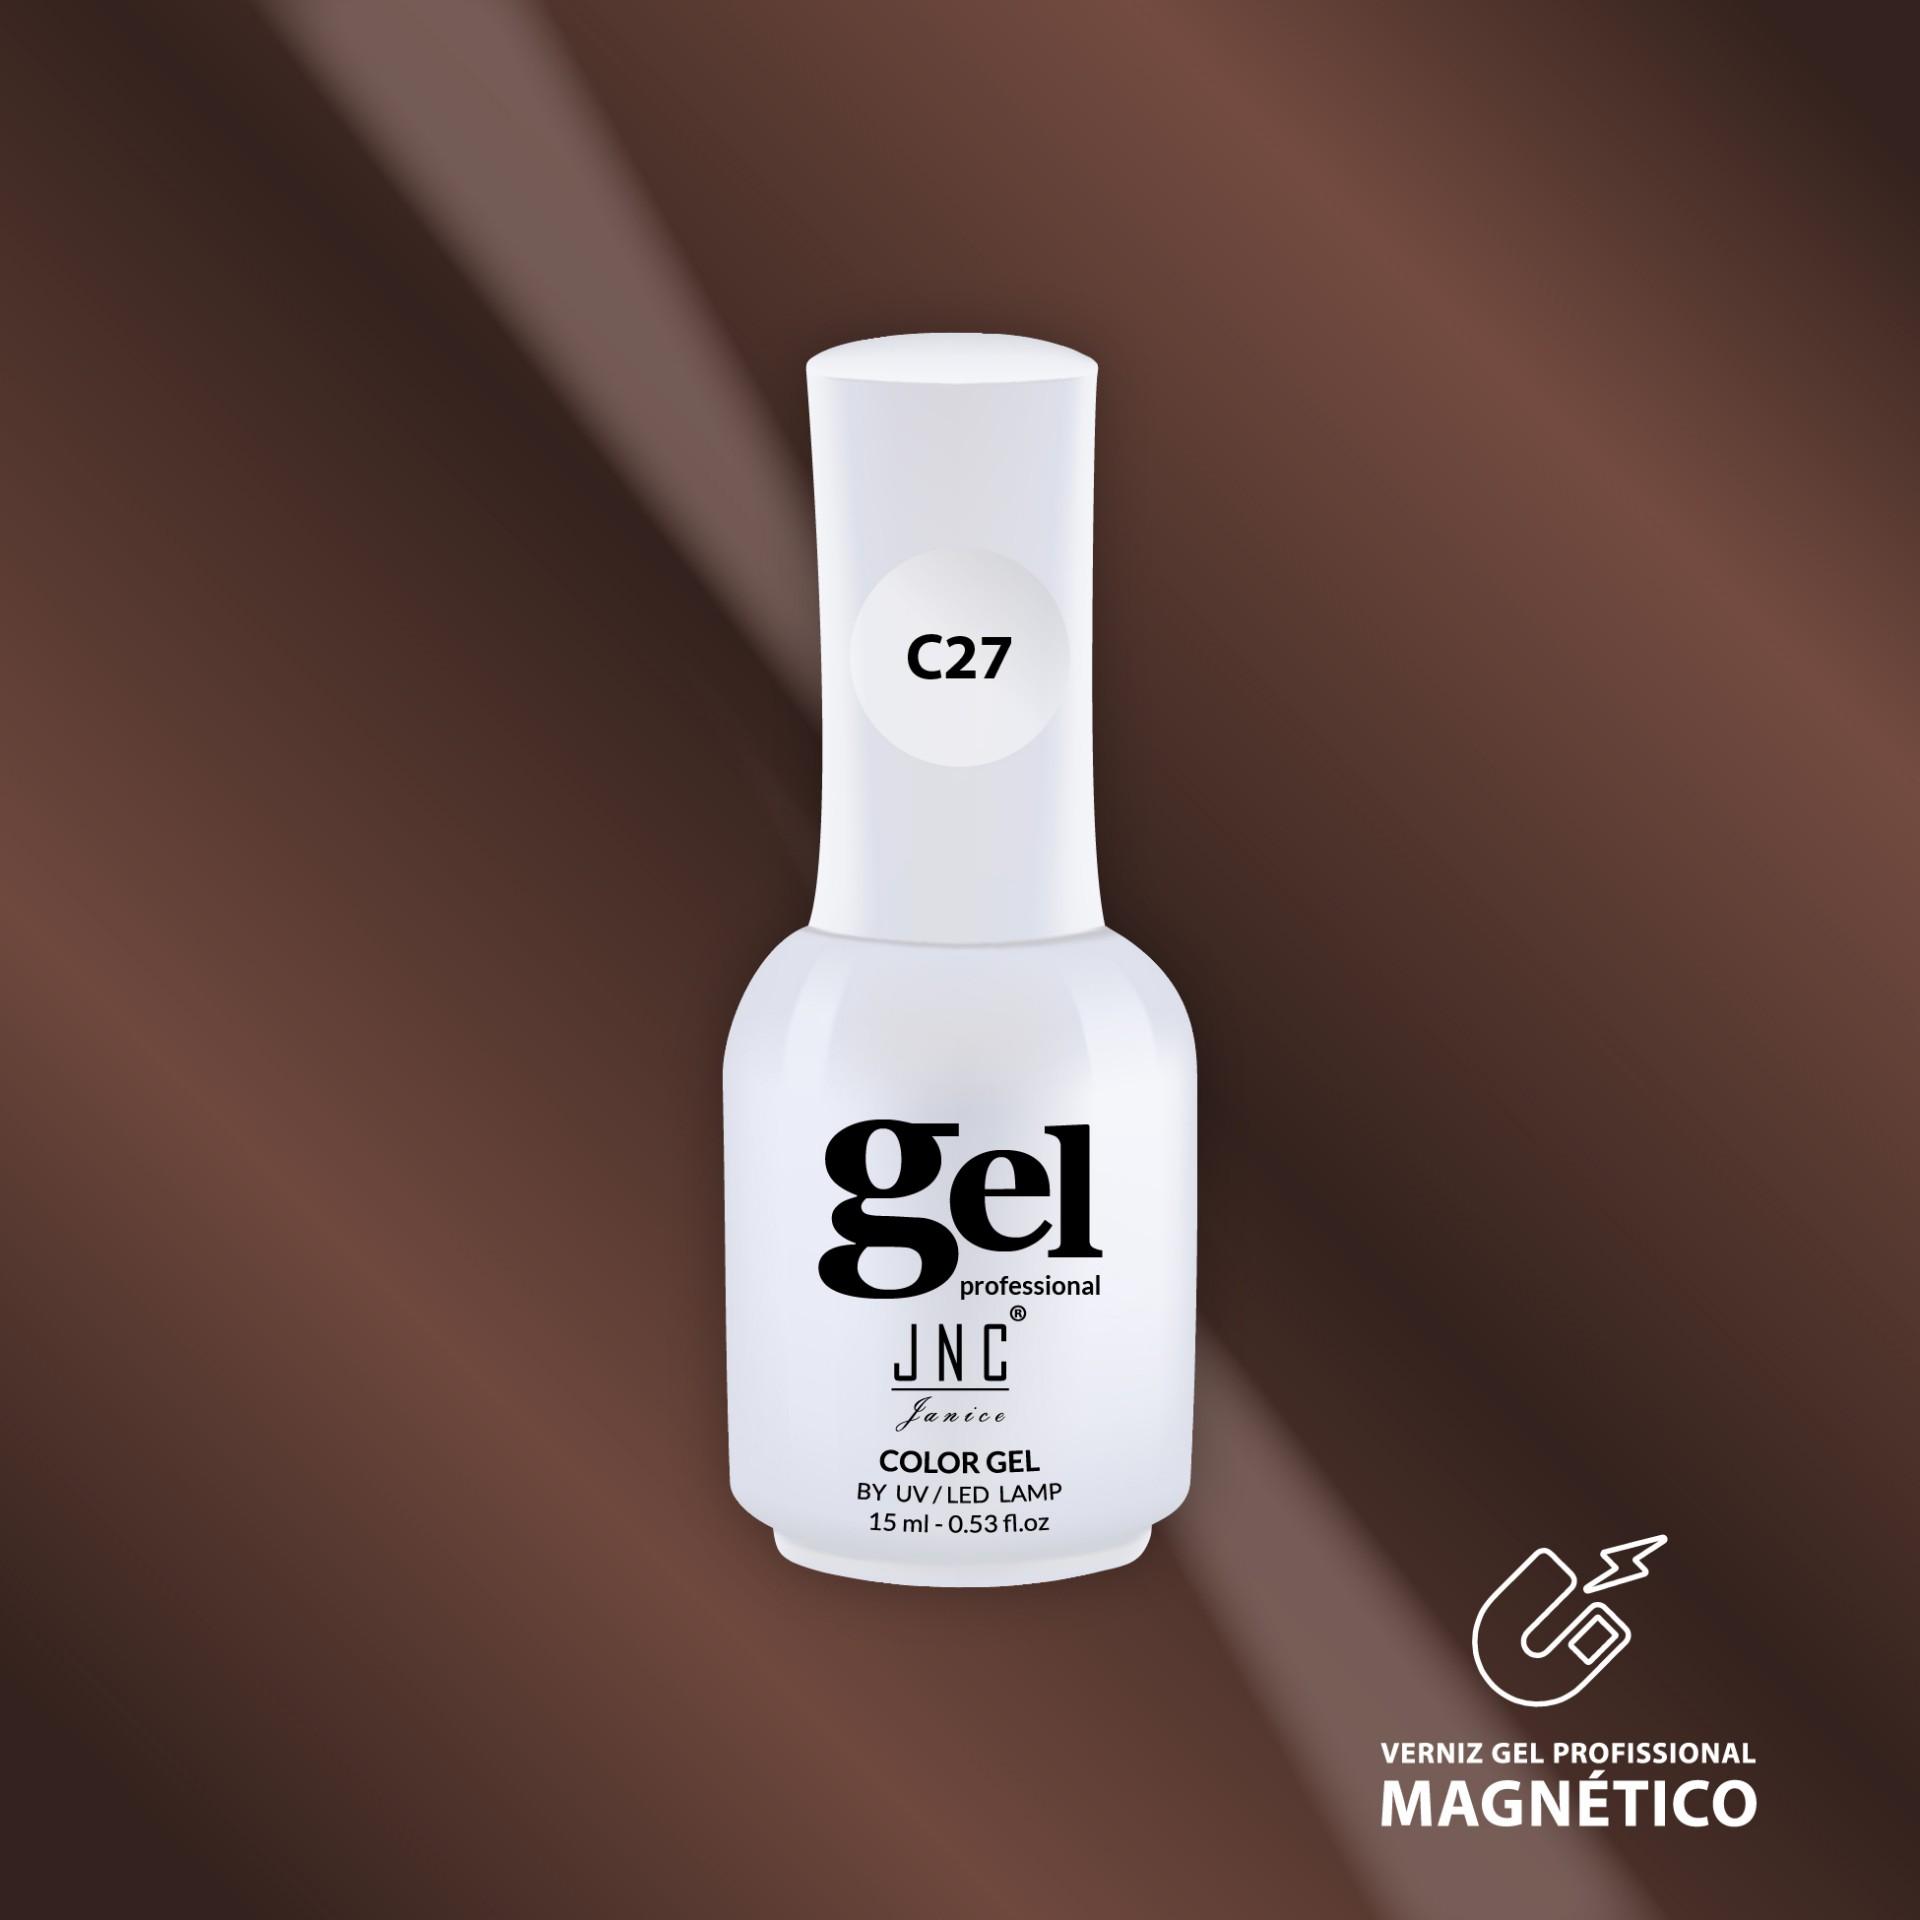 Verniz Gel Cat Eye C27